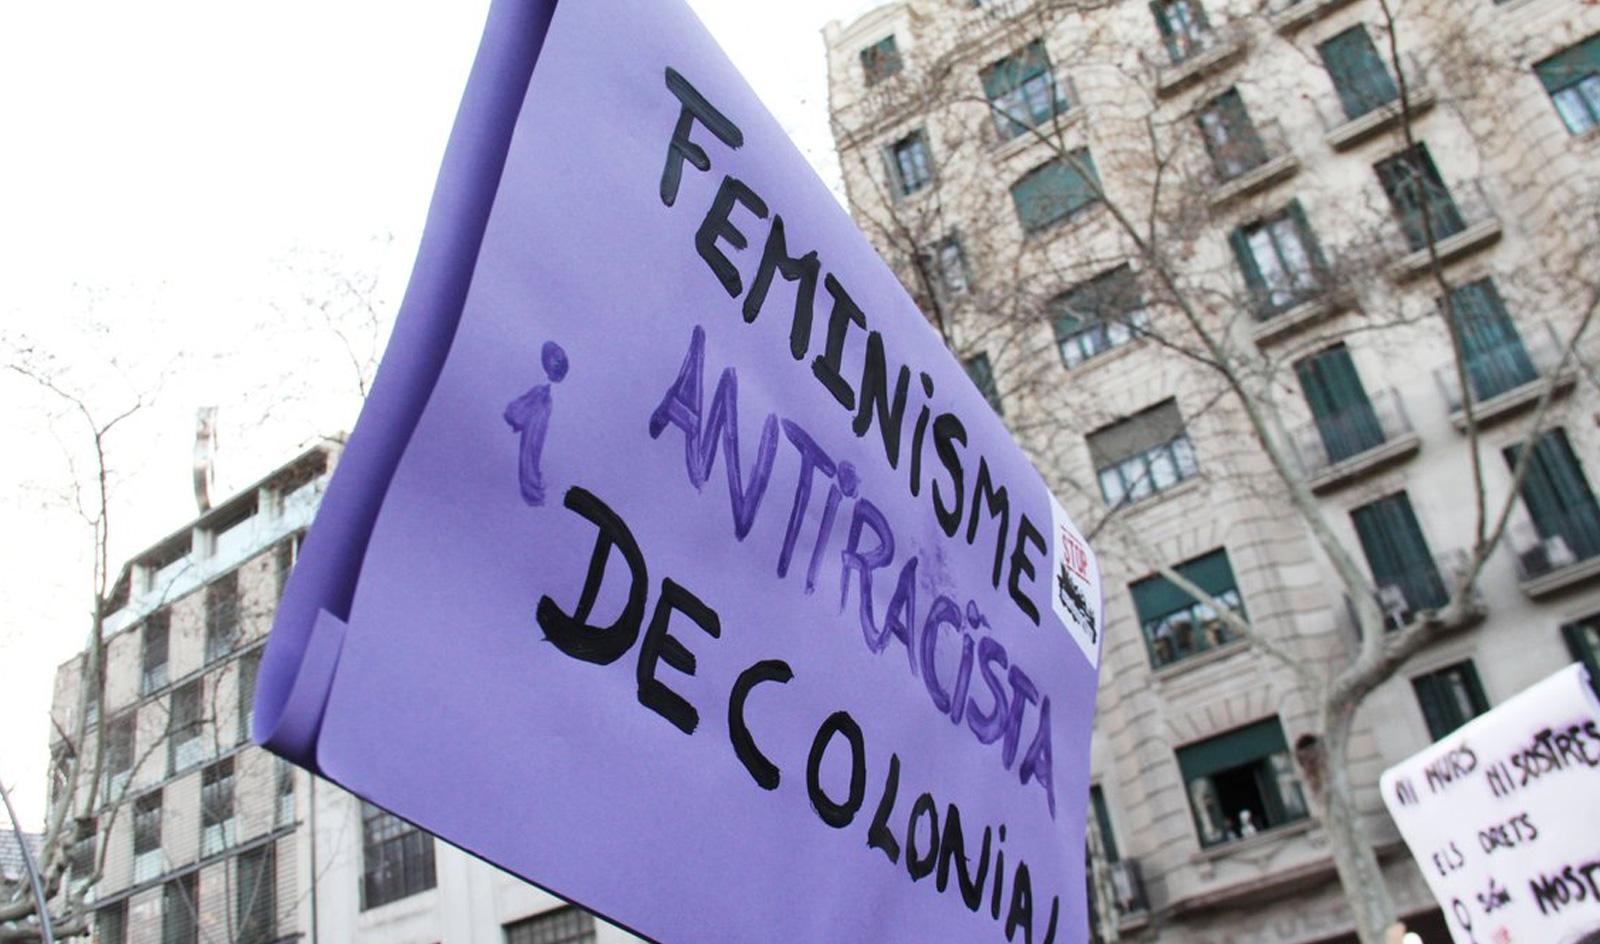 8M: vaga feminista perquè volem dones lliures en terres lliures